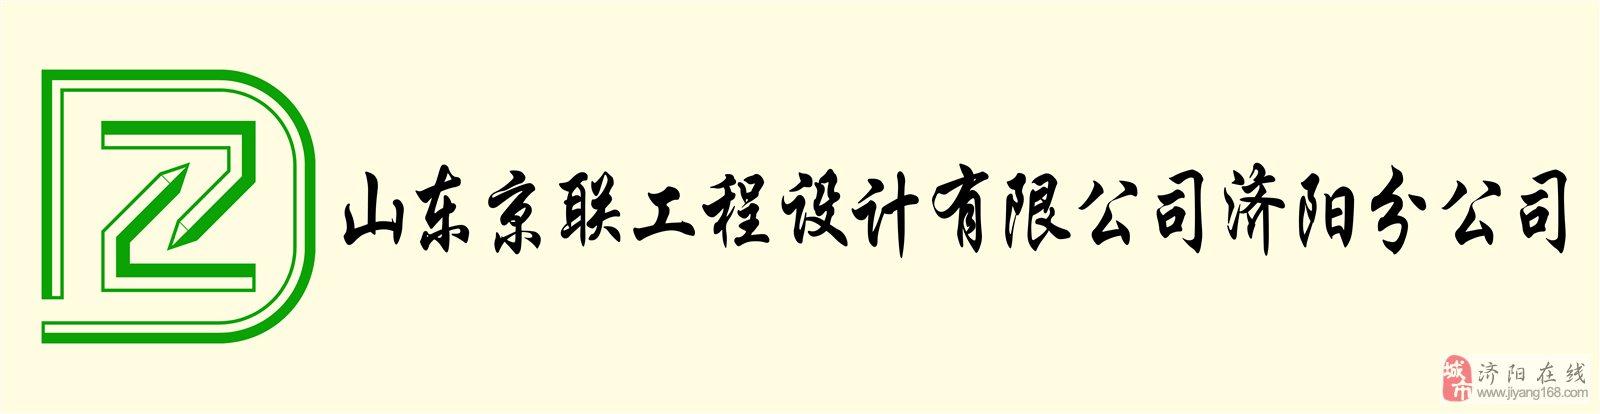 山东京联工程设计有限公司济阳分公司